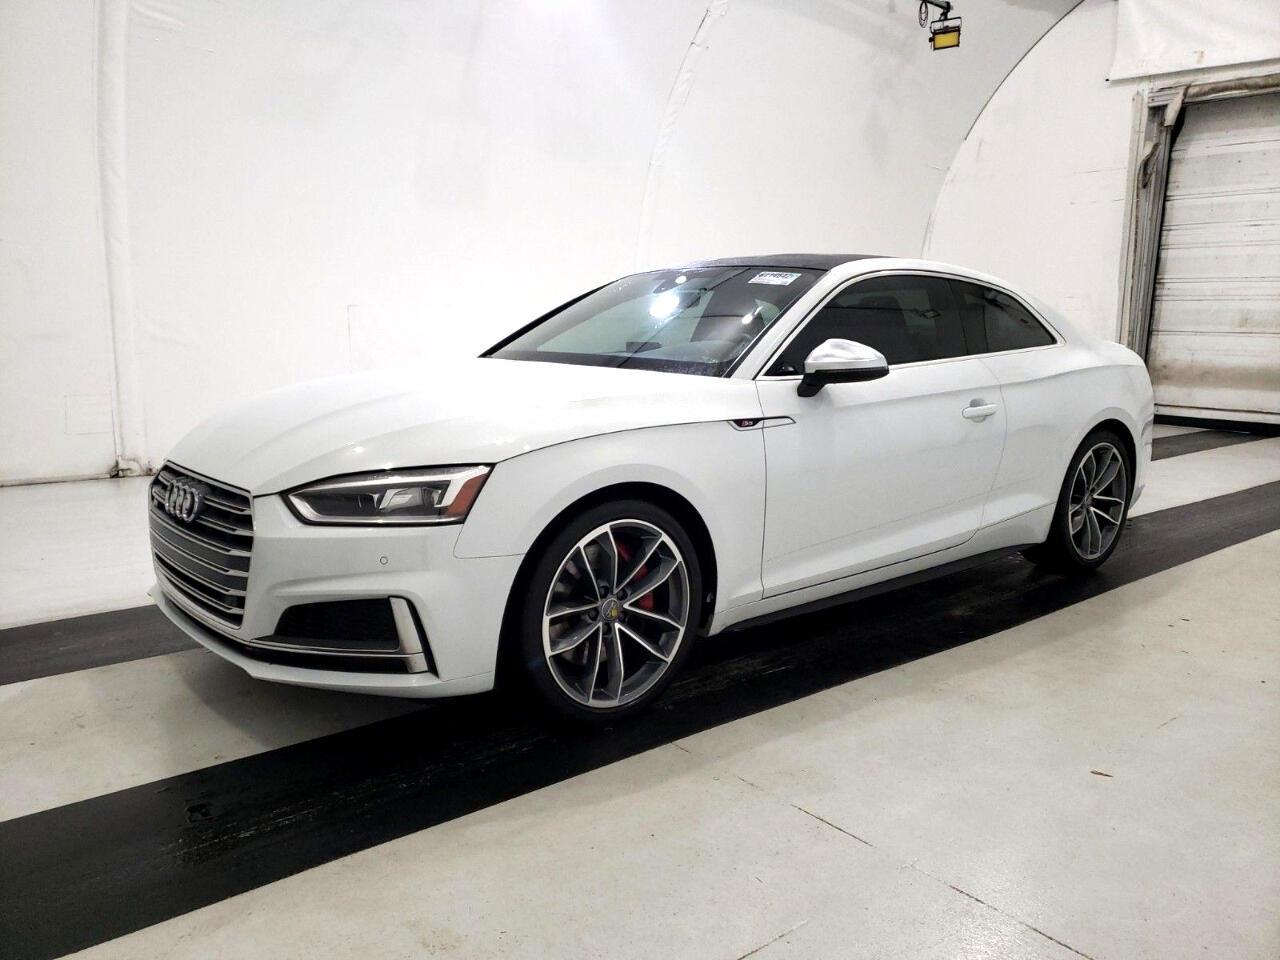 Audi S5 Coupe 3.0 TFSI Premium Plus 2018